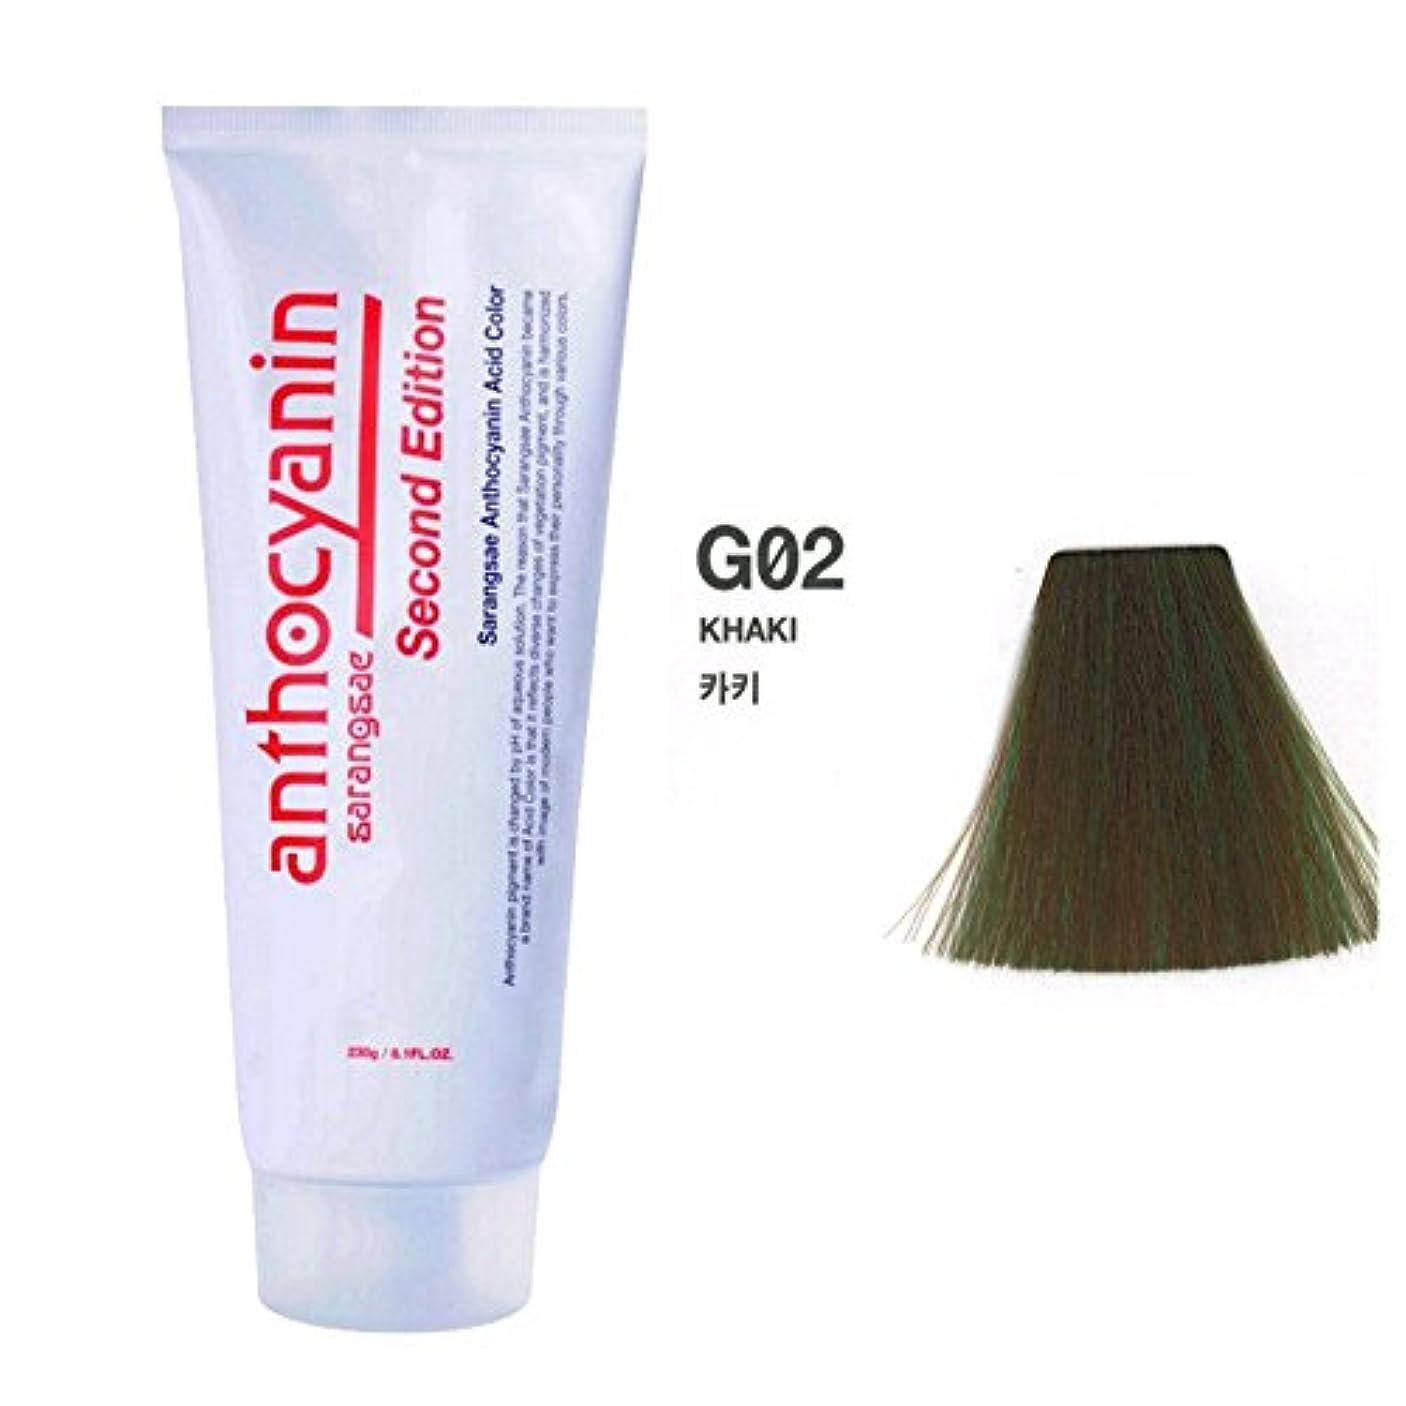 メイン父方のこれらヘア マニキュア カラー セカンド エディション 230g セミ パーマネント 染毛剤 (Hair Manicure Color Second Edition 230g Semi Permanent Hair Dye) [並行輸入品] (G02 Khaki)